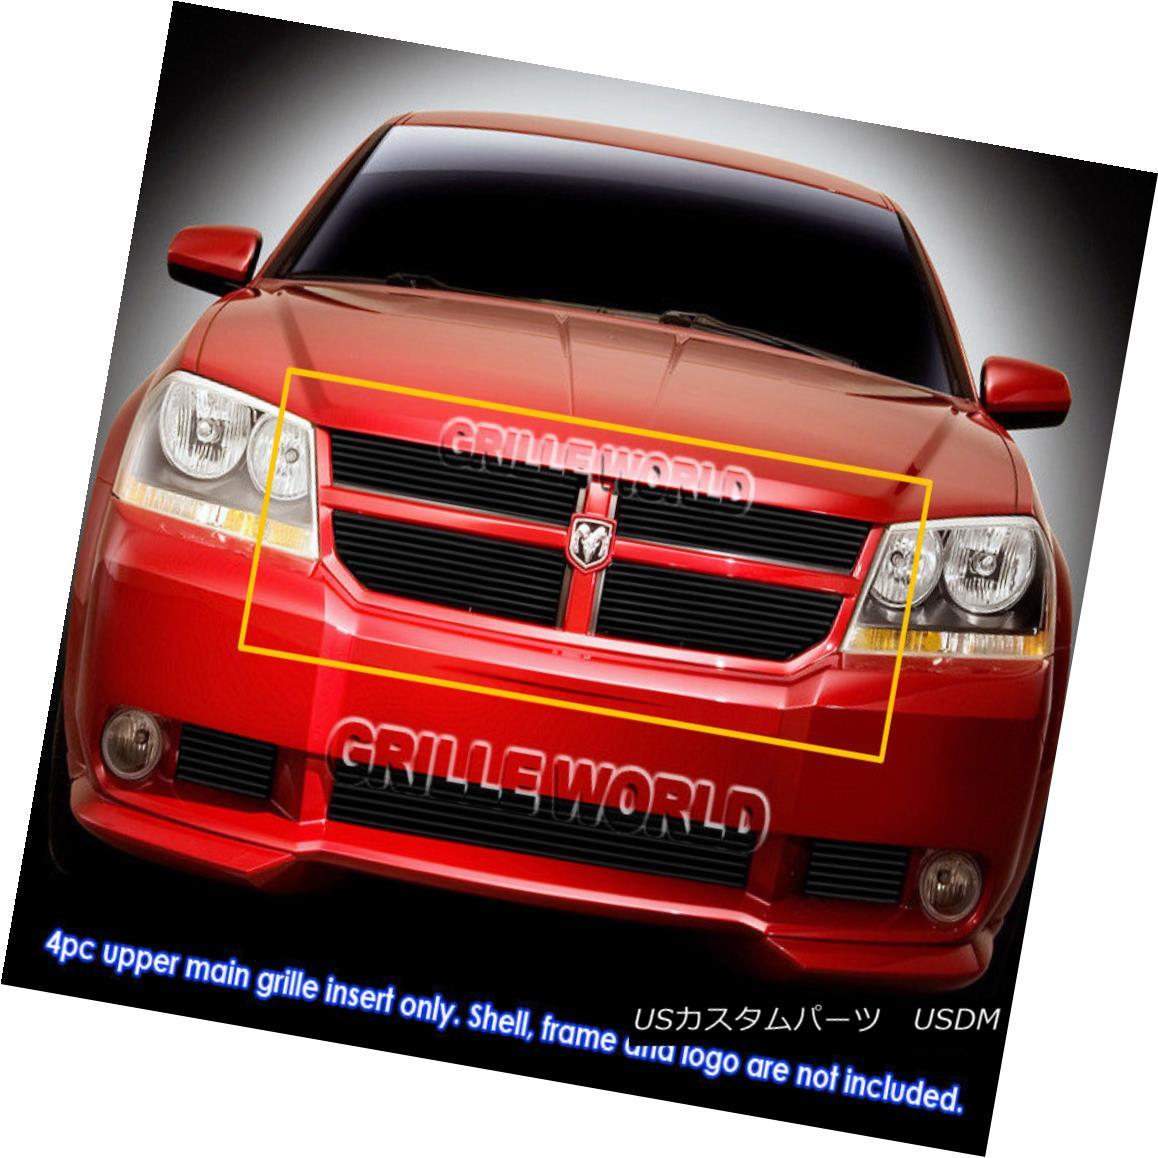 グリル For 2007-2010 Dodge Avenger SXT Black Billet Grille Grill Insert 2007-2010ドッジアヴェンジャーSXTブラックビレットグリルグリルインサート用